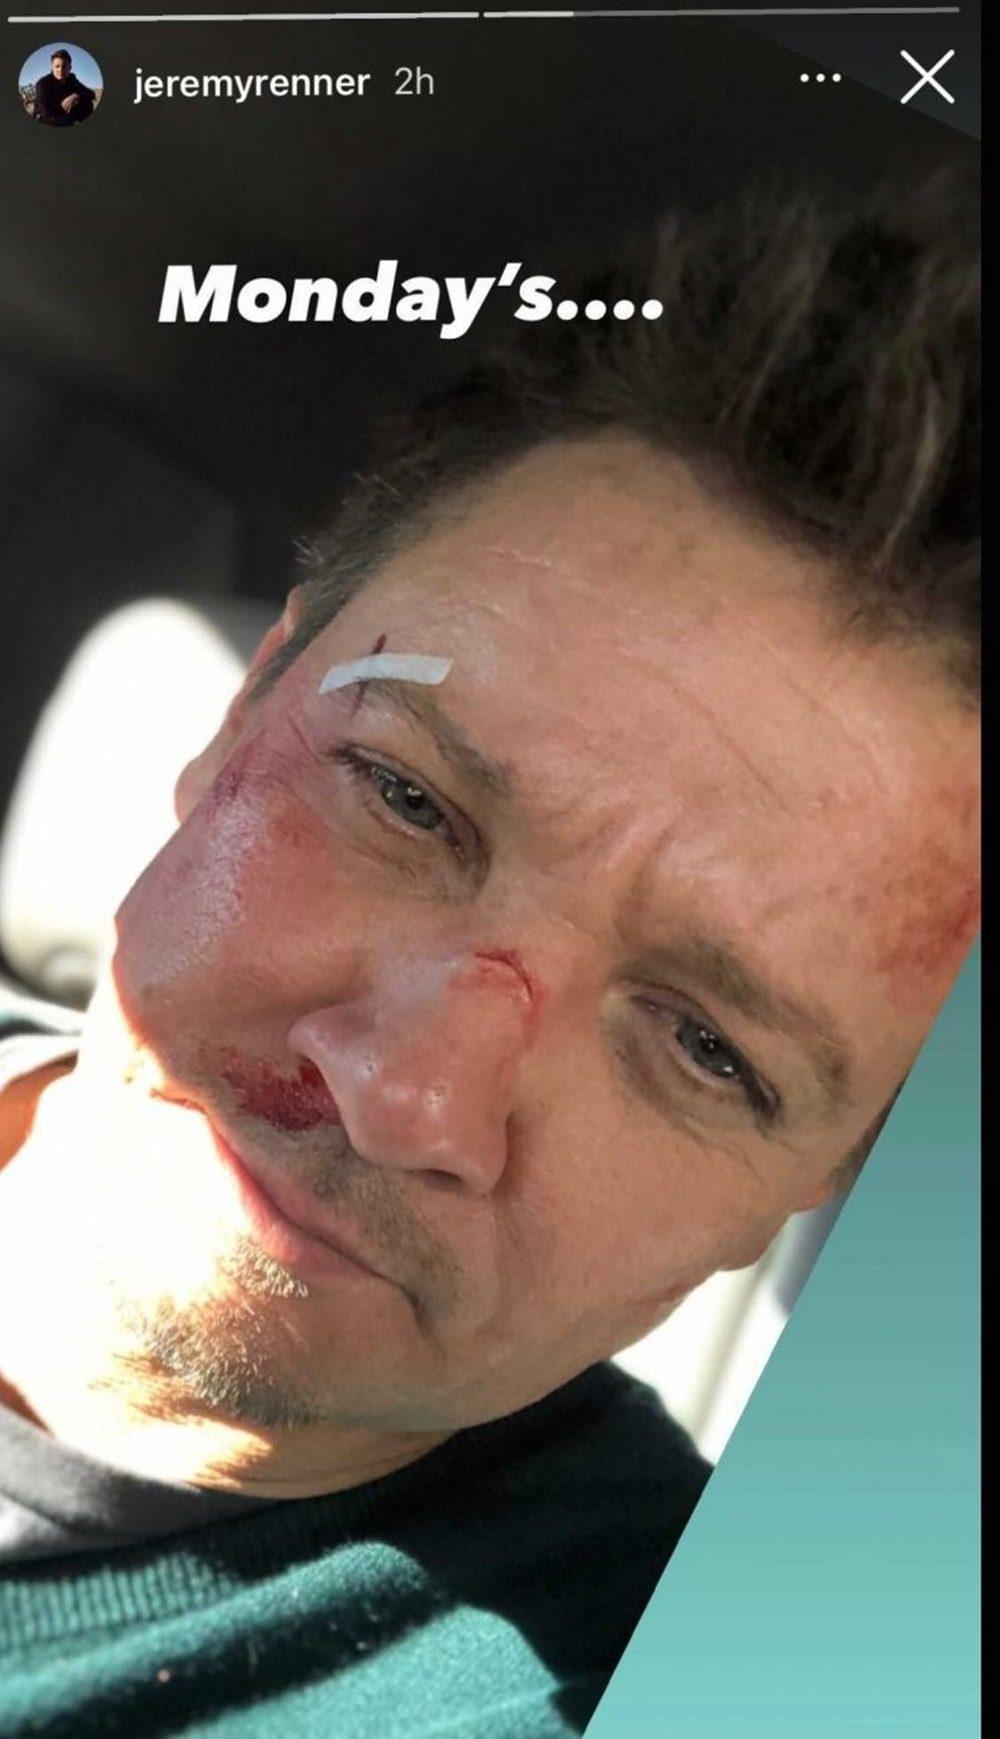 Jeremy Rennernek saját Sólyomszem sorozata készül, melyről képet is posztolt